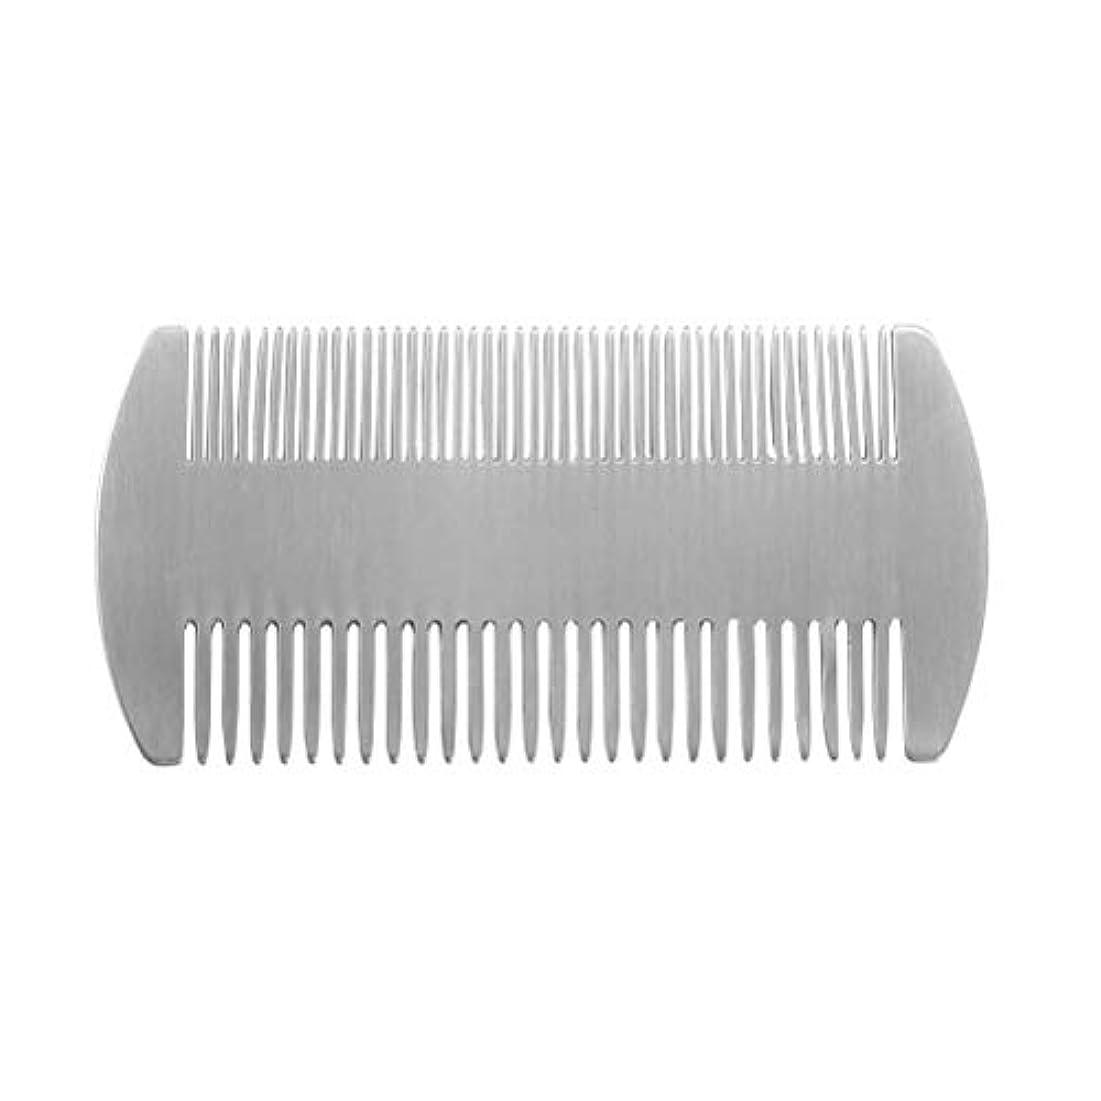 インタラクション留まる重要LURROSE 男性の男の子のためのひげの櫛のステンレス鋼の両面の口ひげの毛の櫛の反静的なクレジットカードのサイズのポケット札入れの櫛